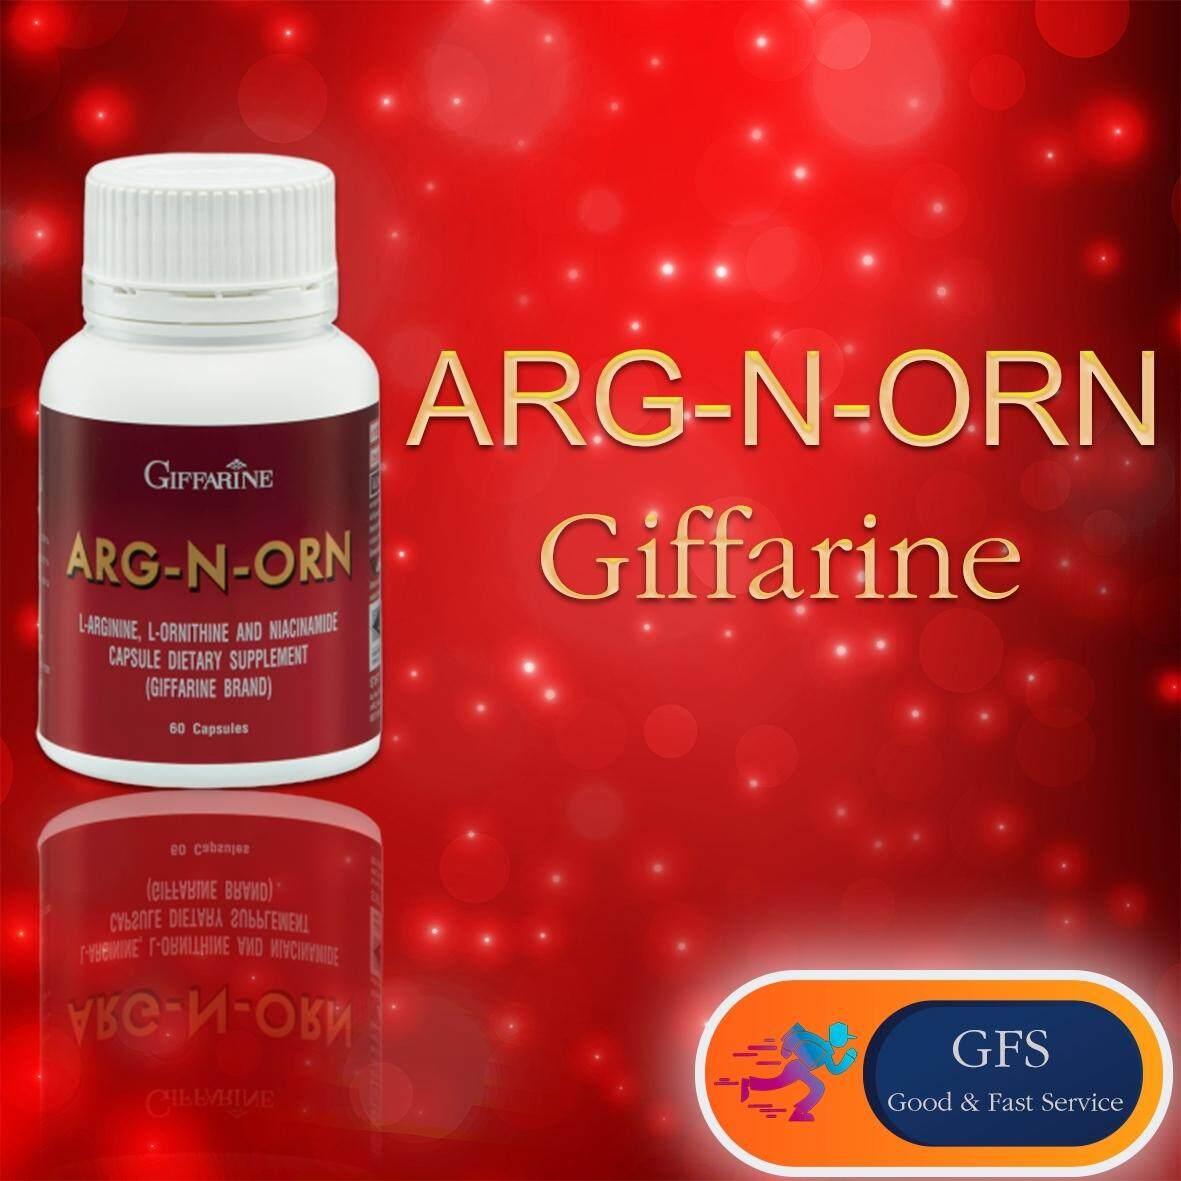 อารก์-เอน-ออร์น ผลิตภัณฑ์เสริมอาหาร แอล-อาร์จินีน แอล-ออร์นิทีน และไนอะซินาไมด์ชนิดแคปซูล กิฟฟารีน.